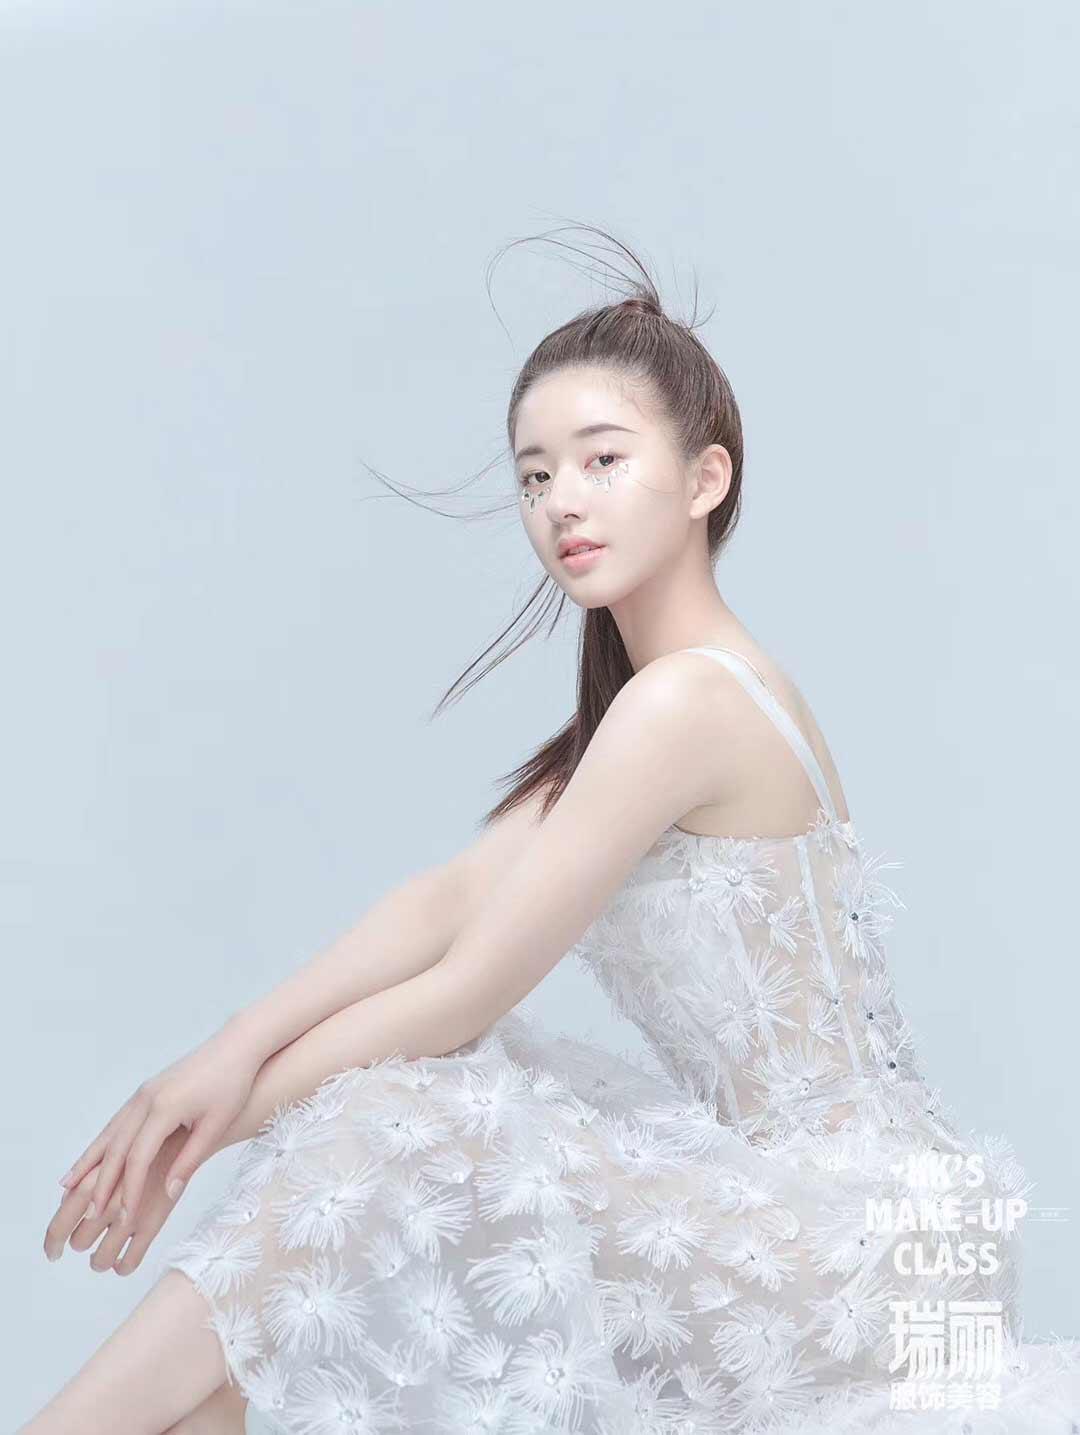 赵露思解锁杂志大片 纯白浪漫宛若芭蕾仙子